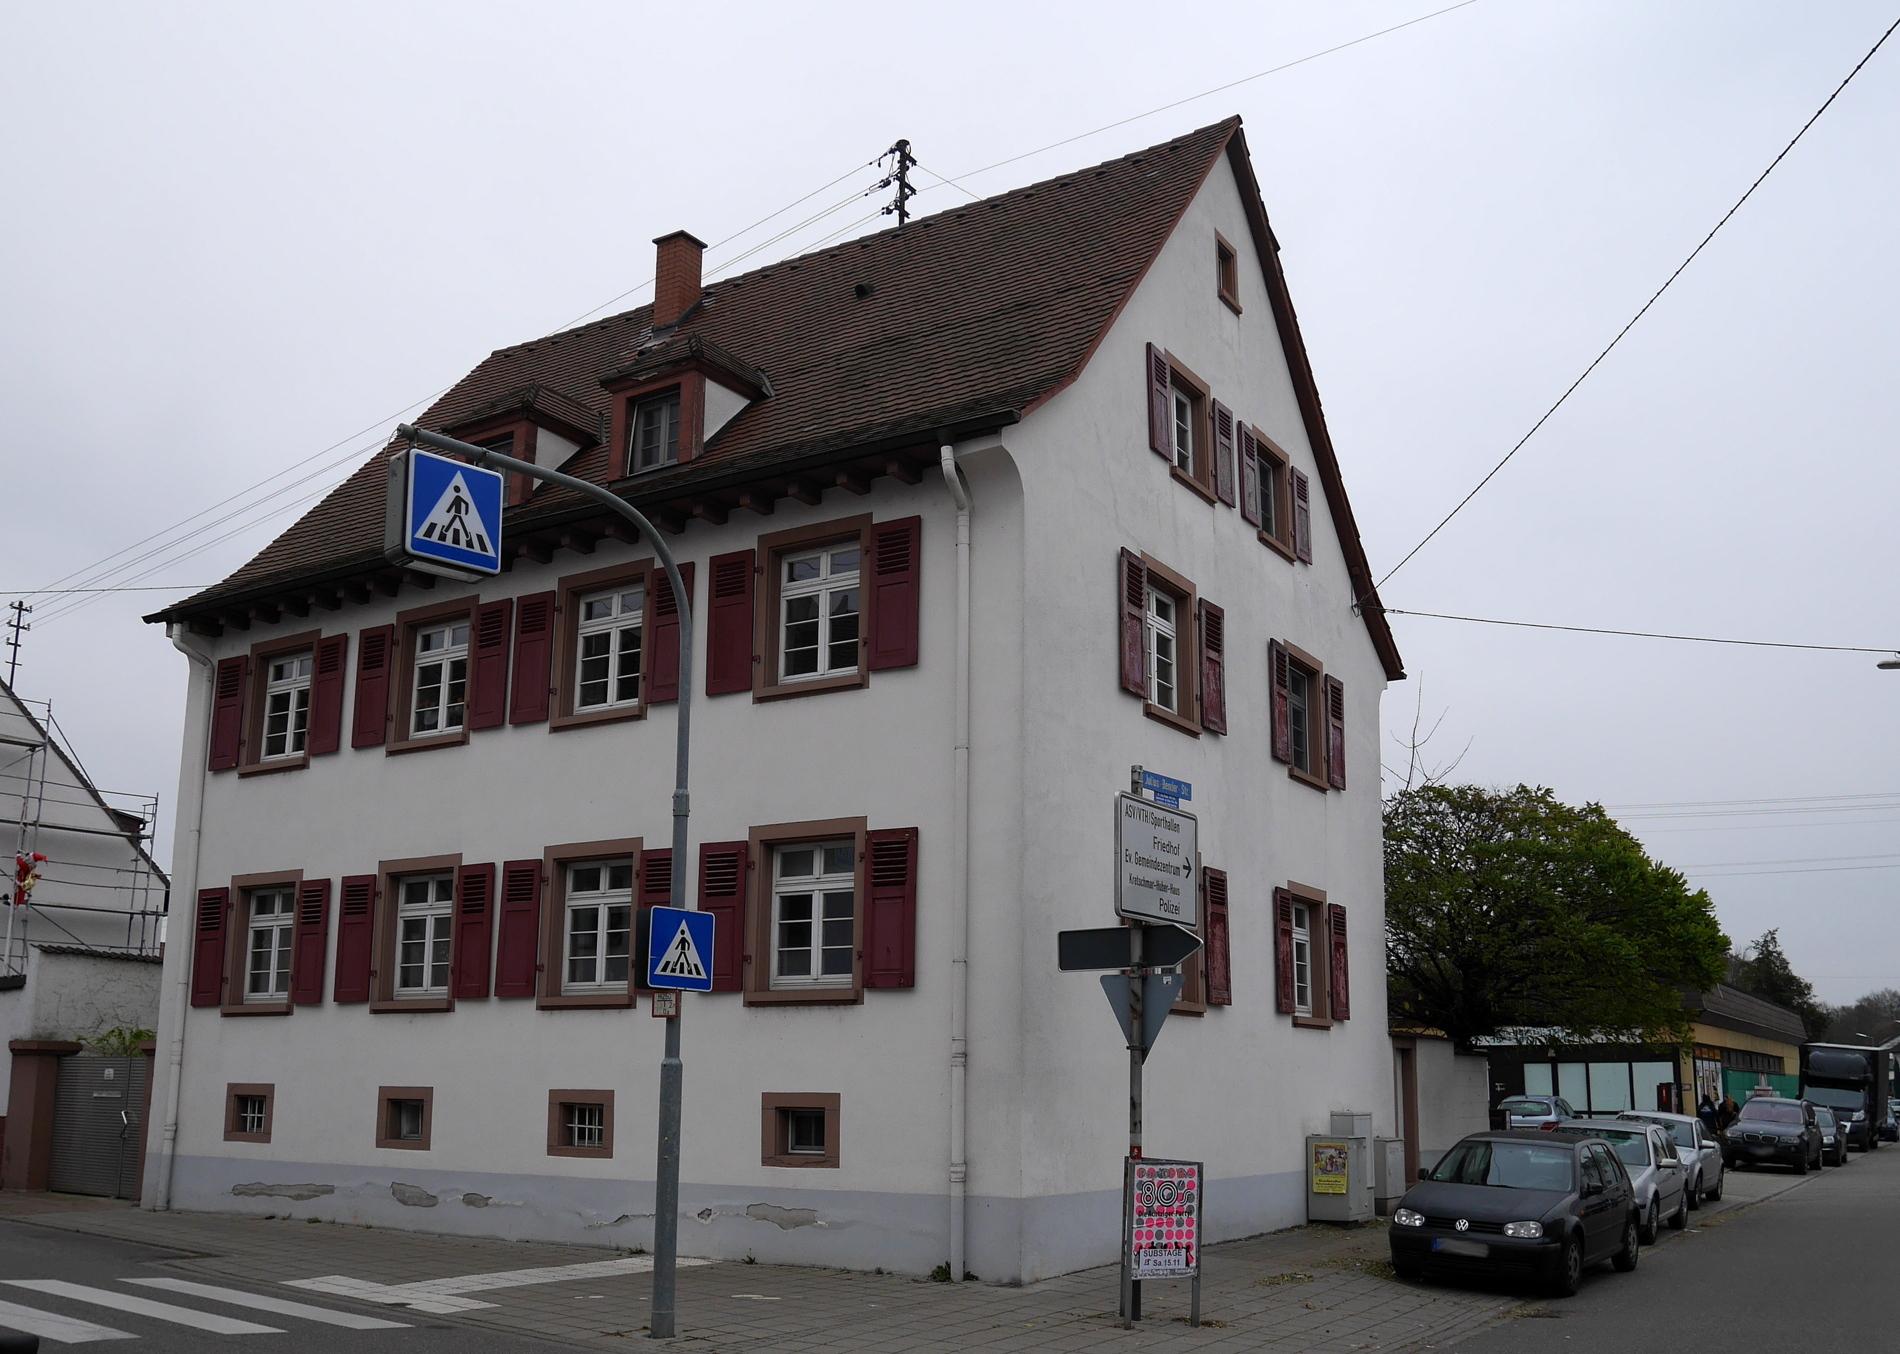 Karlsruhe: Karlsruher Str. 21